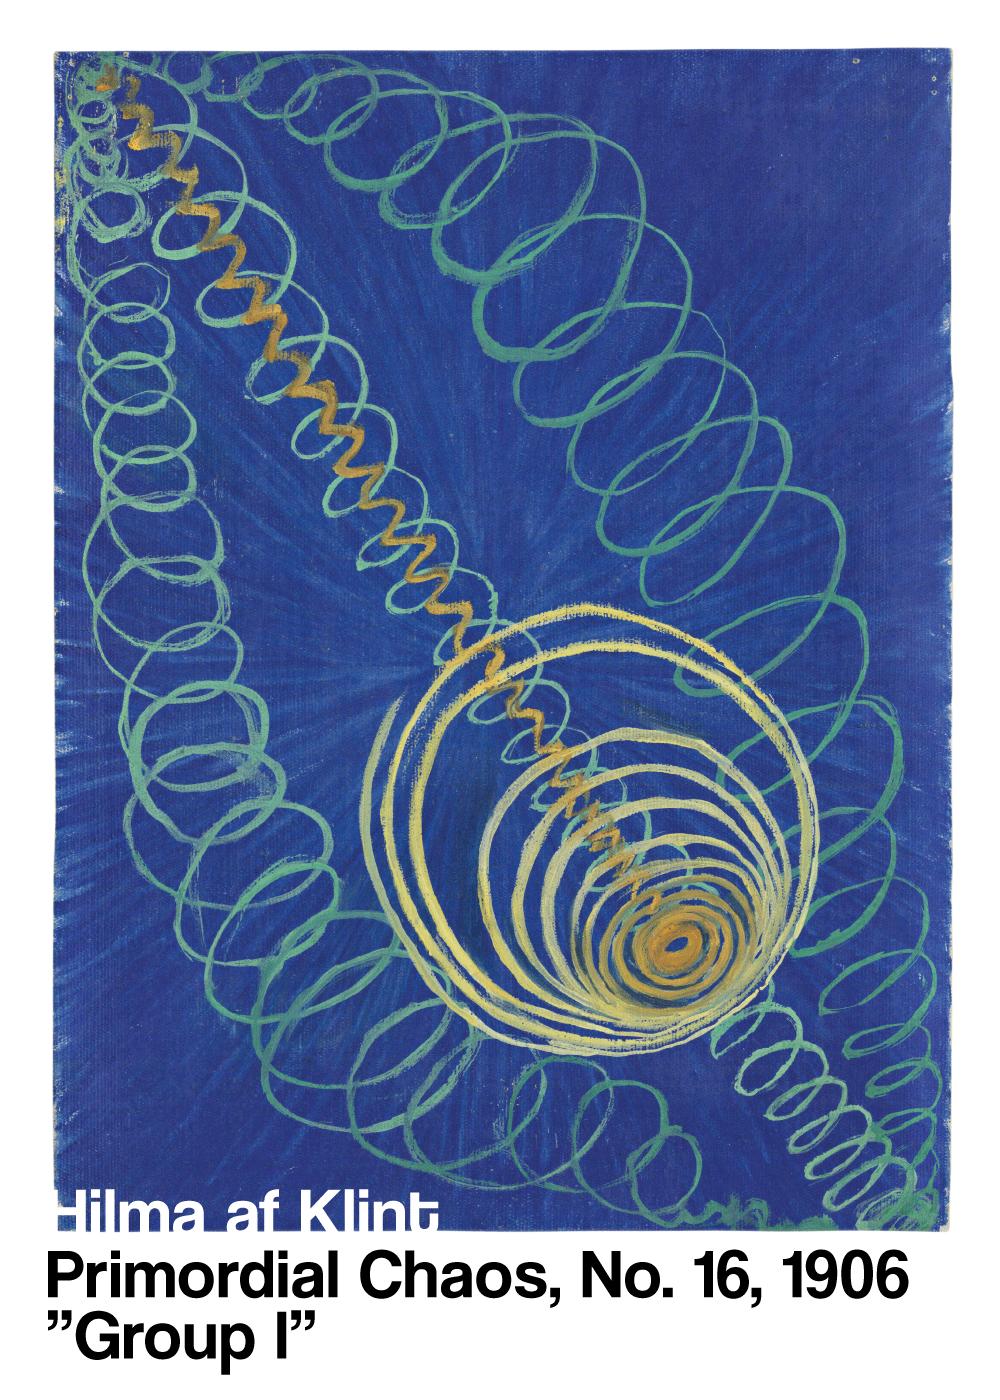 Billede af Primordial Chaos No. 16 - Hilma af Klint kunstplakat